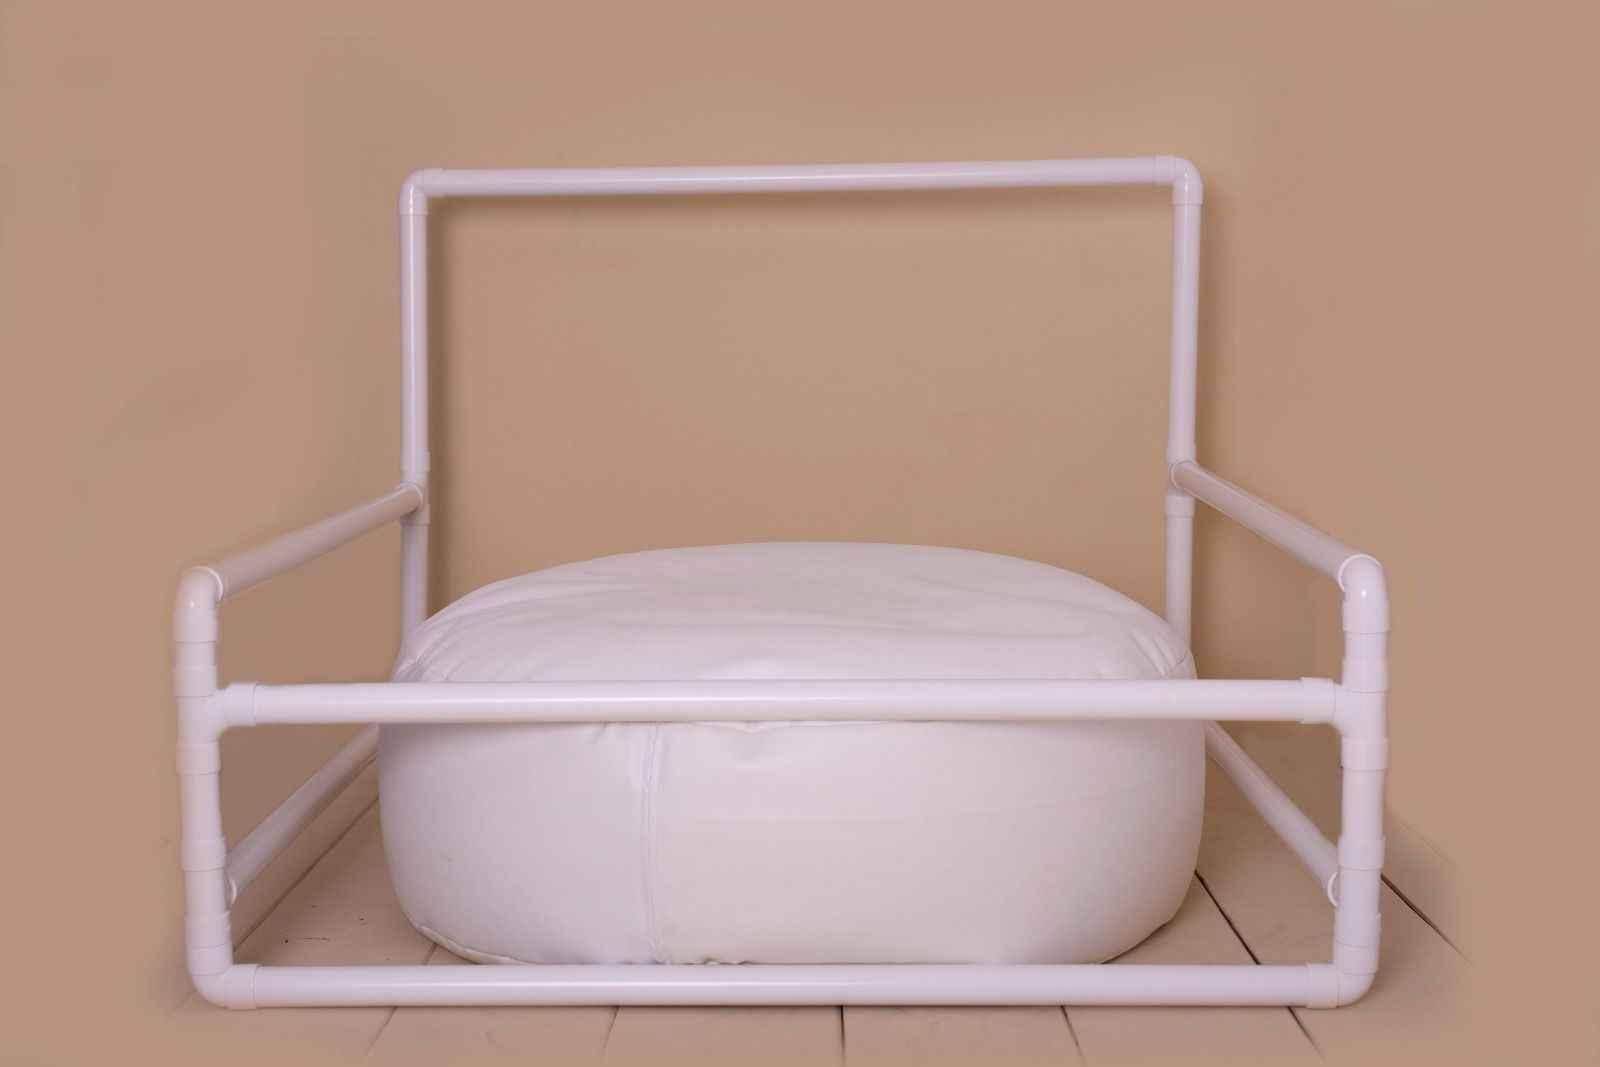 Beanbag para Recém-nascidos Fotografia posando: Poser 100 cm de Estúdio Recém-nascidos Tamanho Posando Travesseiro